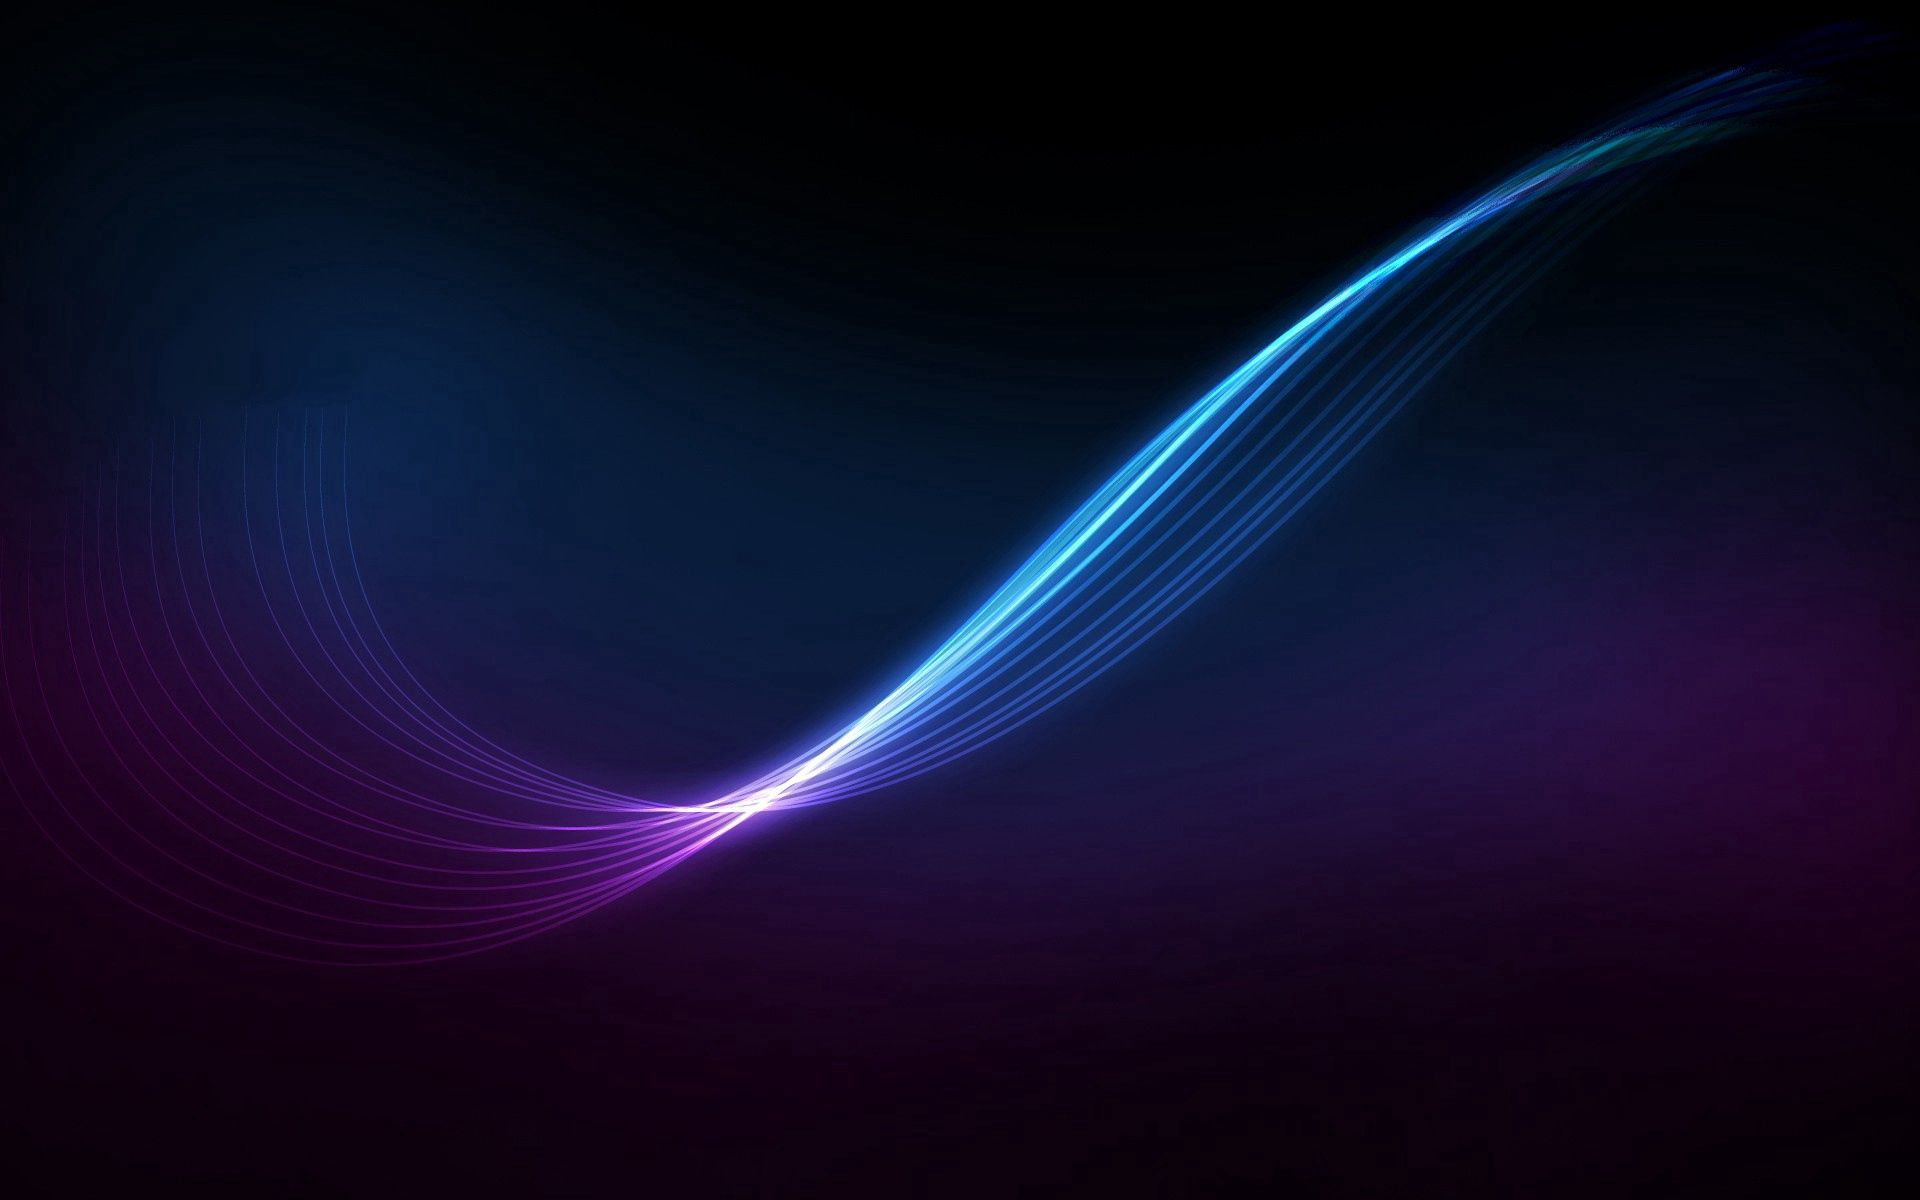 147207 Salvapantallas y fondos de pantalla Abstracción en tu teléfono. Descarga imágenes de Abstracción, Rayo, Raya, Línea, Brillar, Luz, Sombra gratis